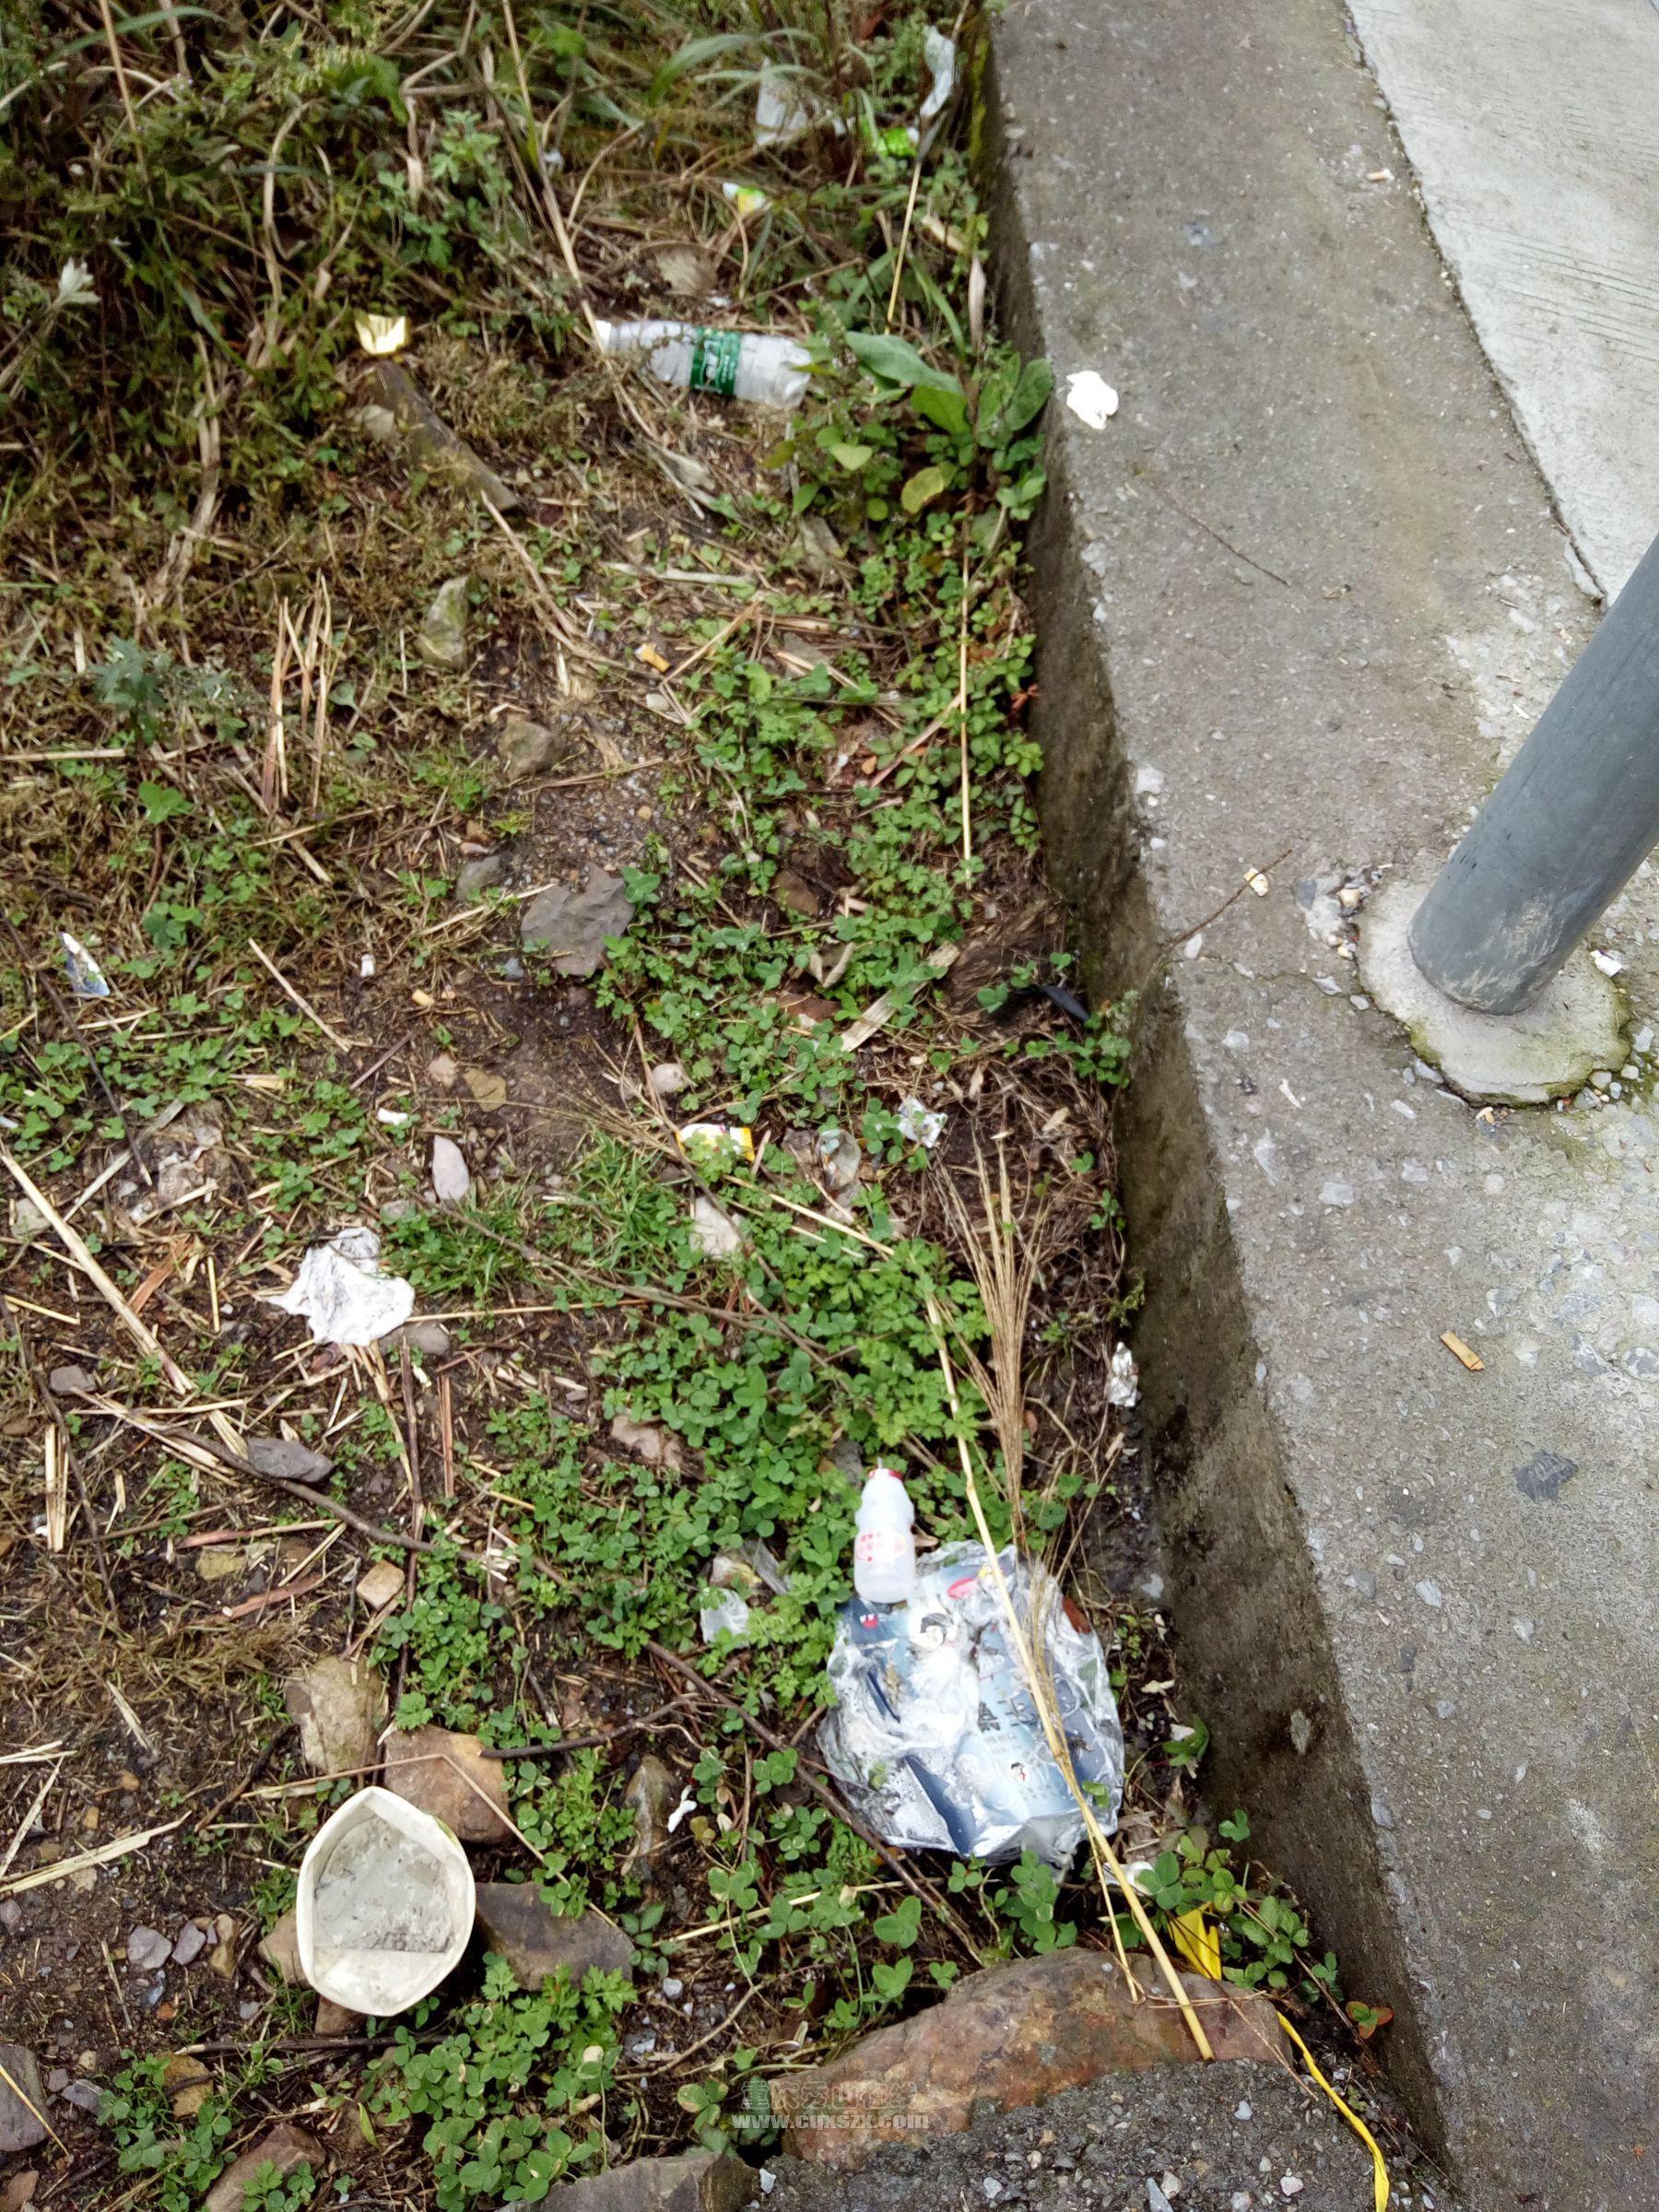 旅游景点路边随处可见垃圾